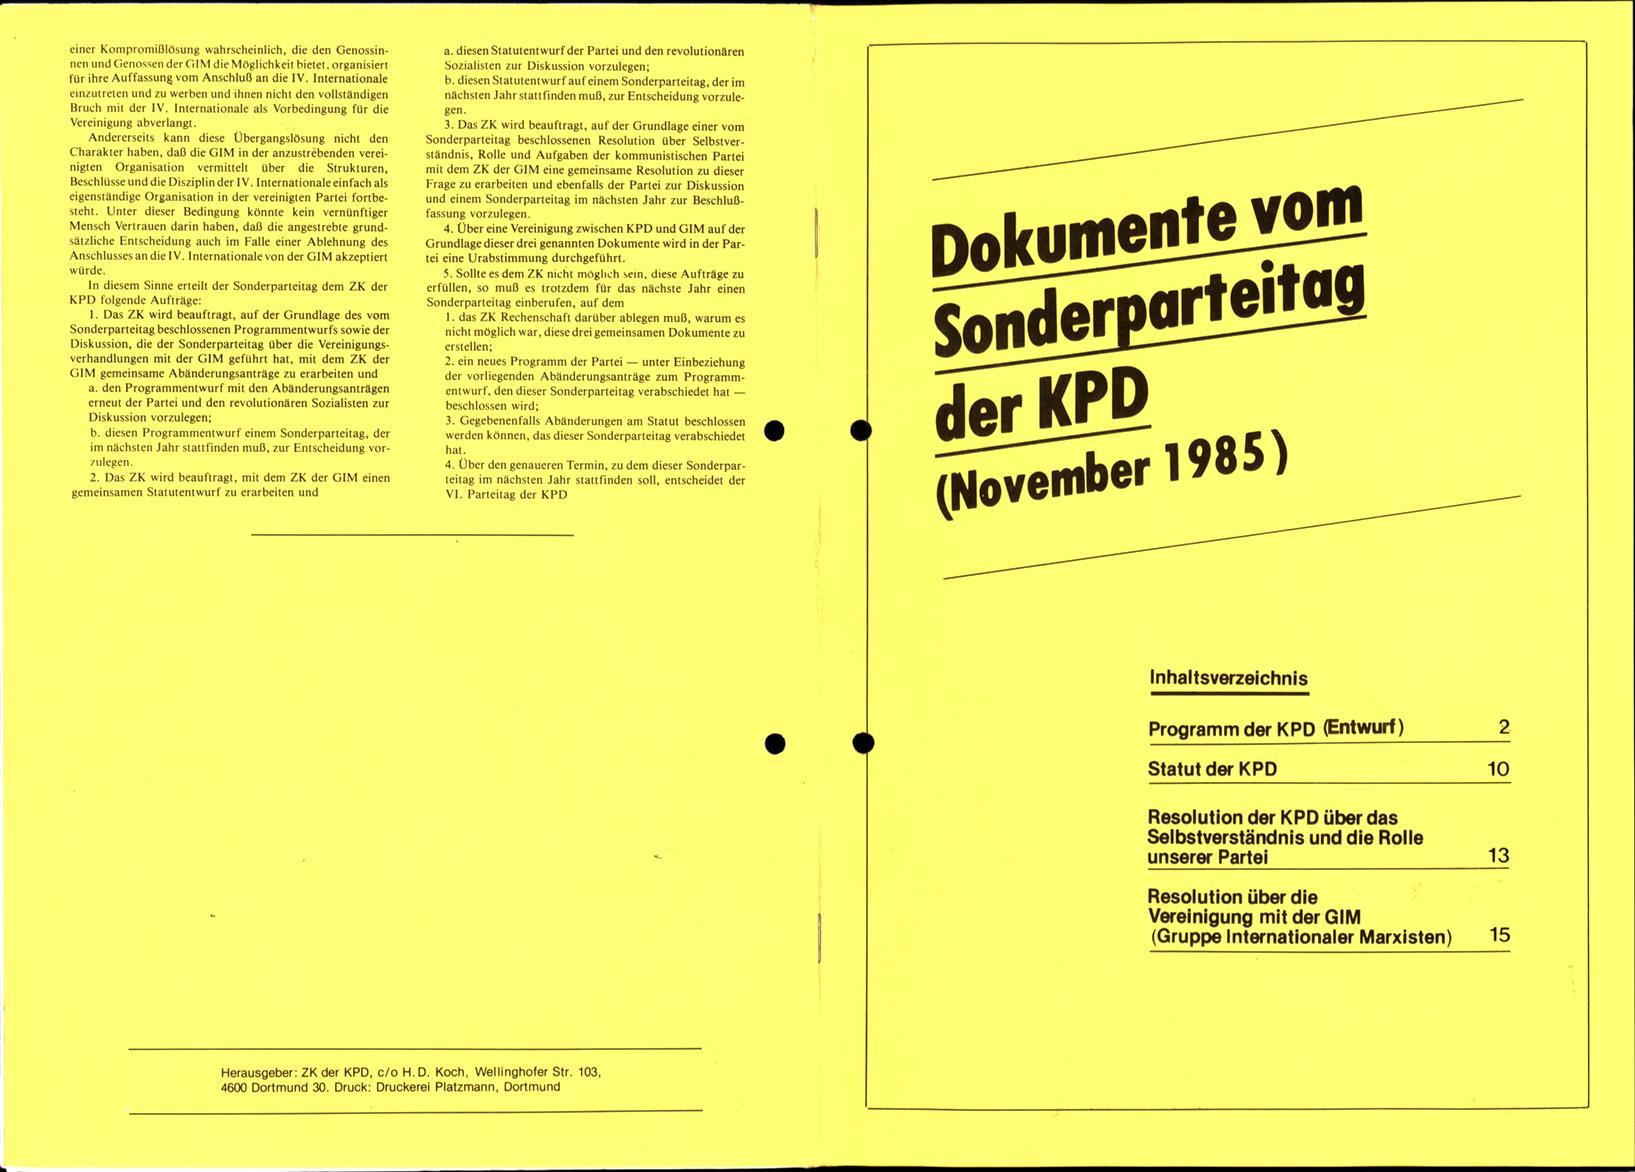 KPDML_1985_Dokumente_vom_Sonderparteitag_01